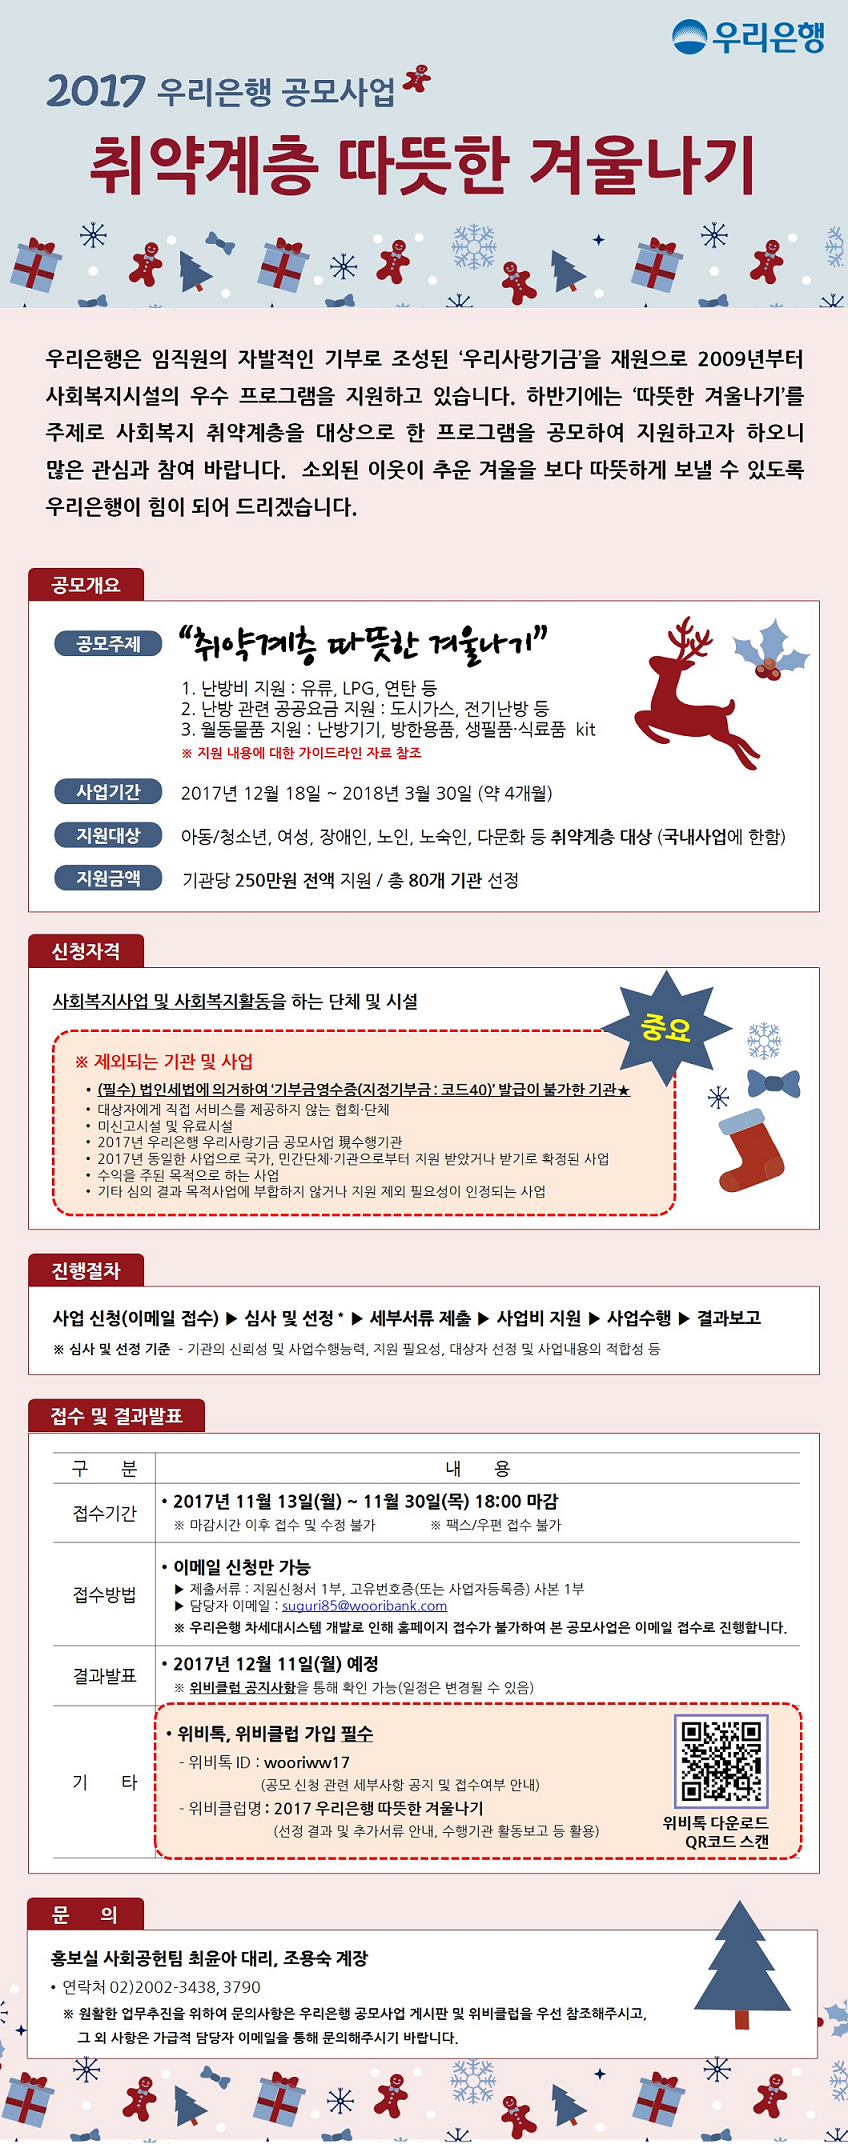 하반기공모사업_안내문_조정.png